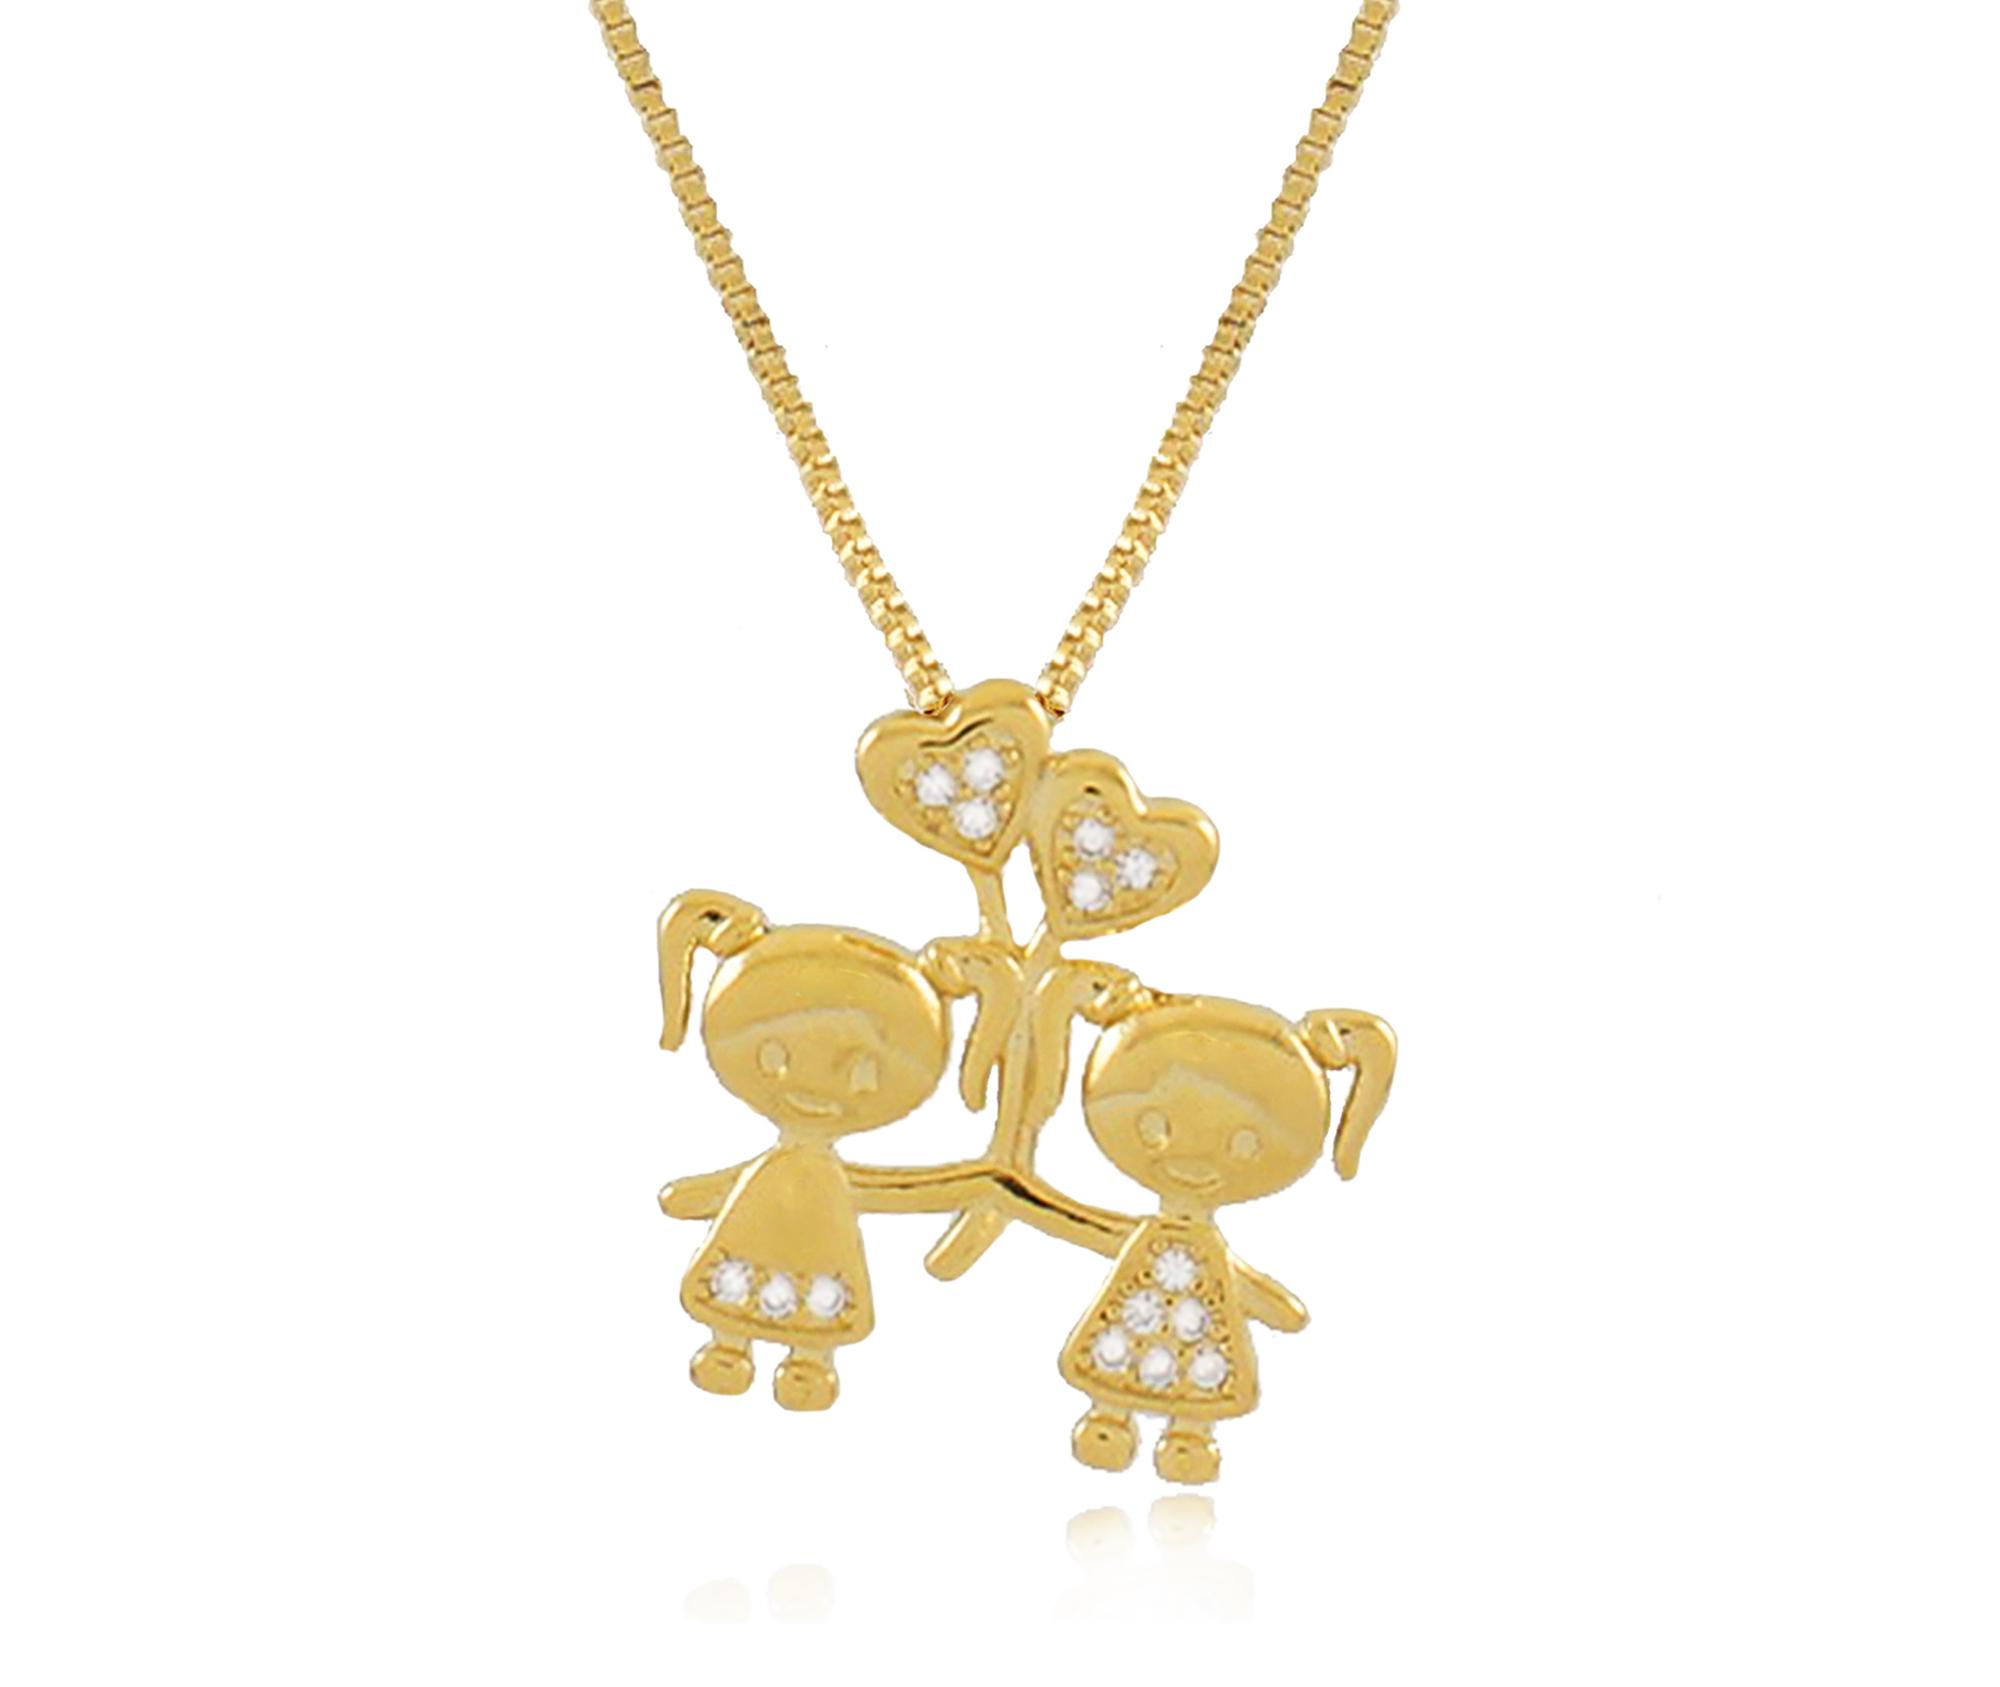 Colar Filhos duas Meninas Balão Dourado Duquesa Semi joias